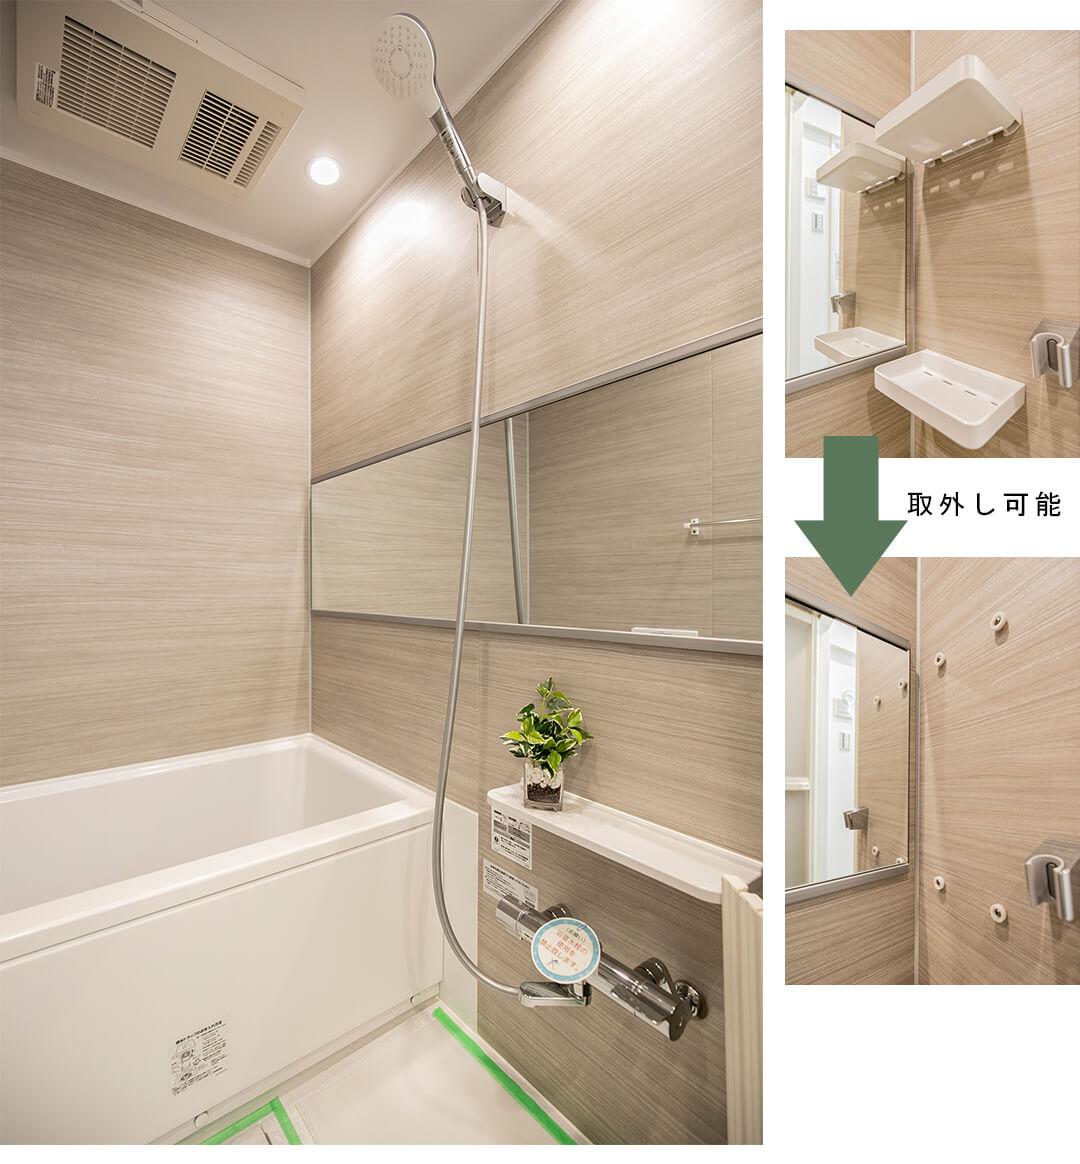 日神デュオステージ早稲田の浴室